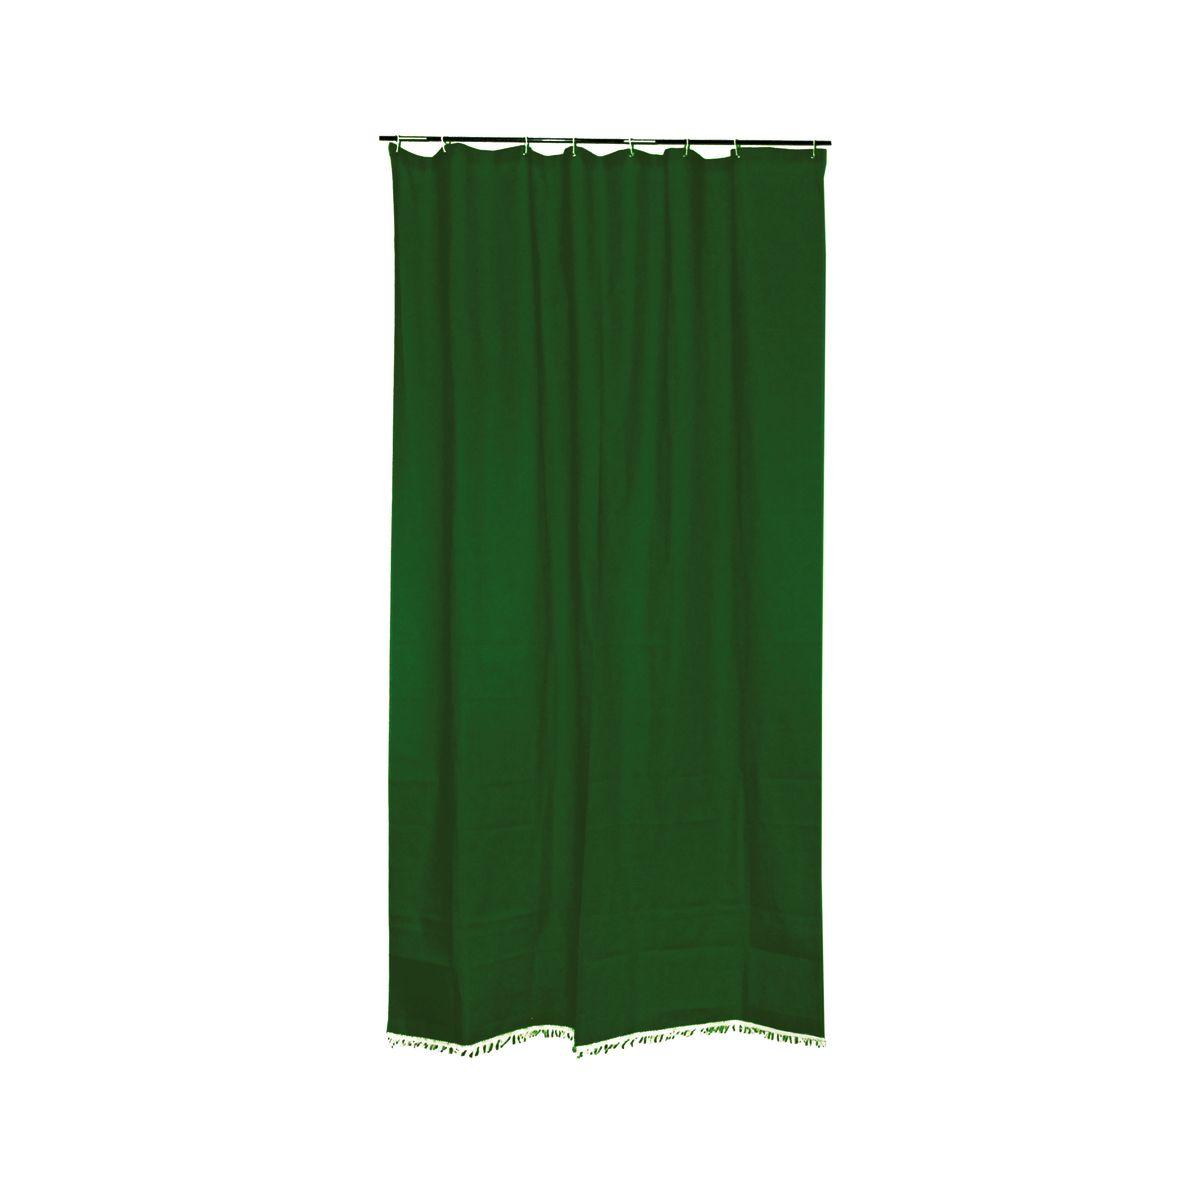 Giardino E Terrazzo Tenda Da Sole Ad Anelli Verde 150 X 270 Cm 34138342